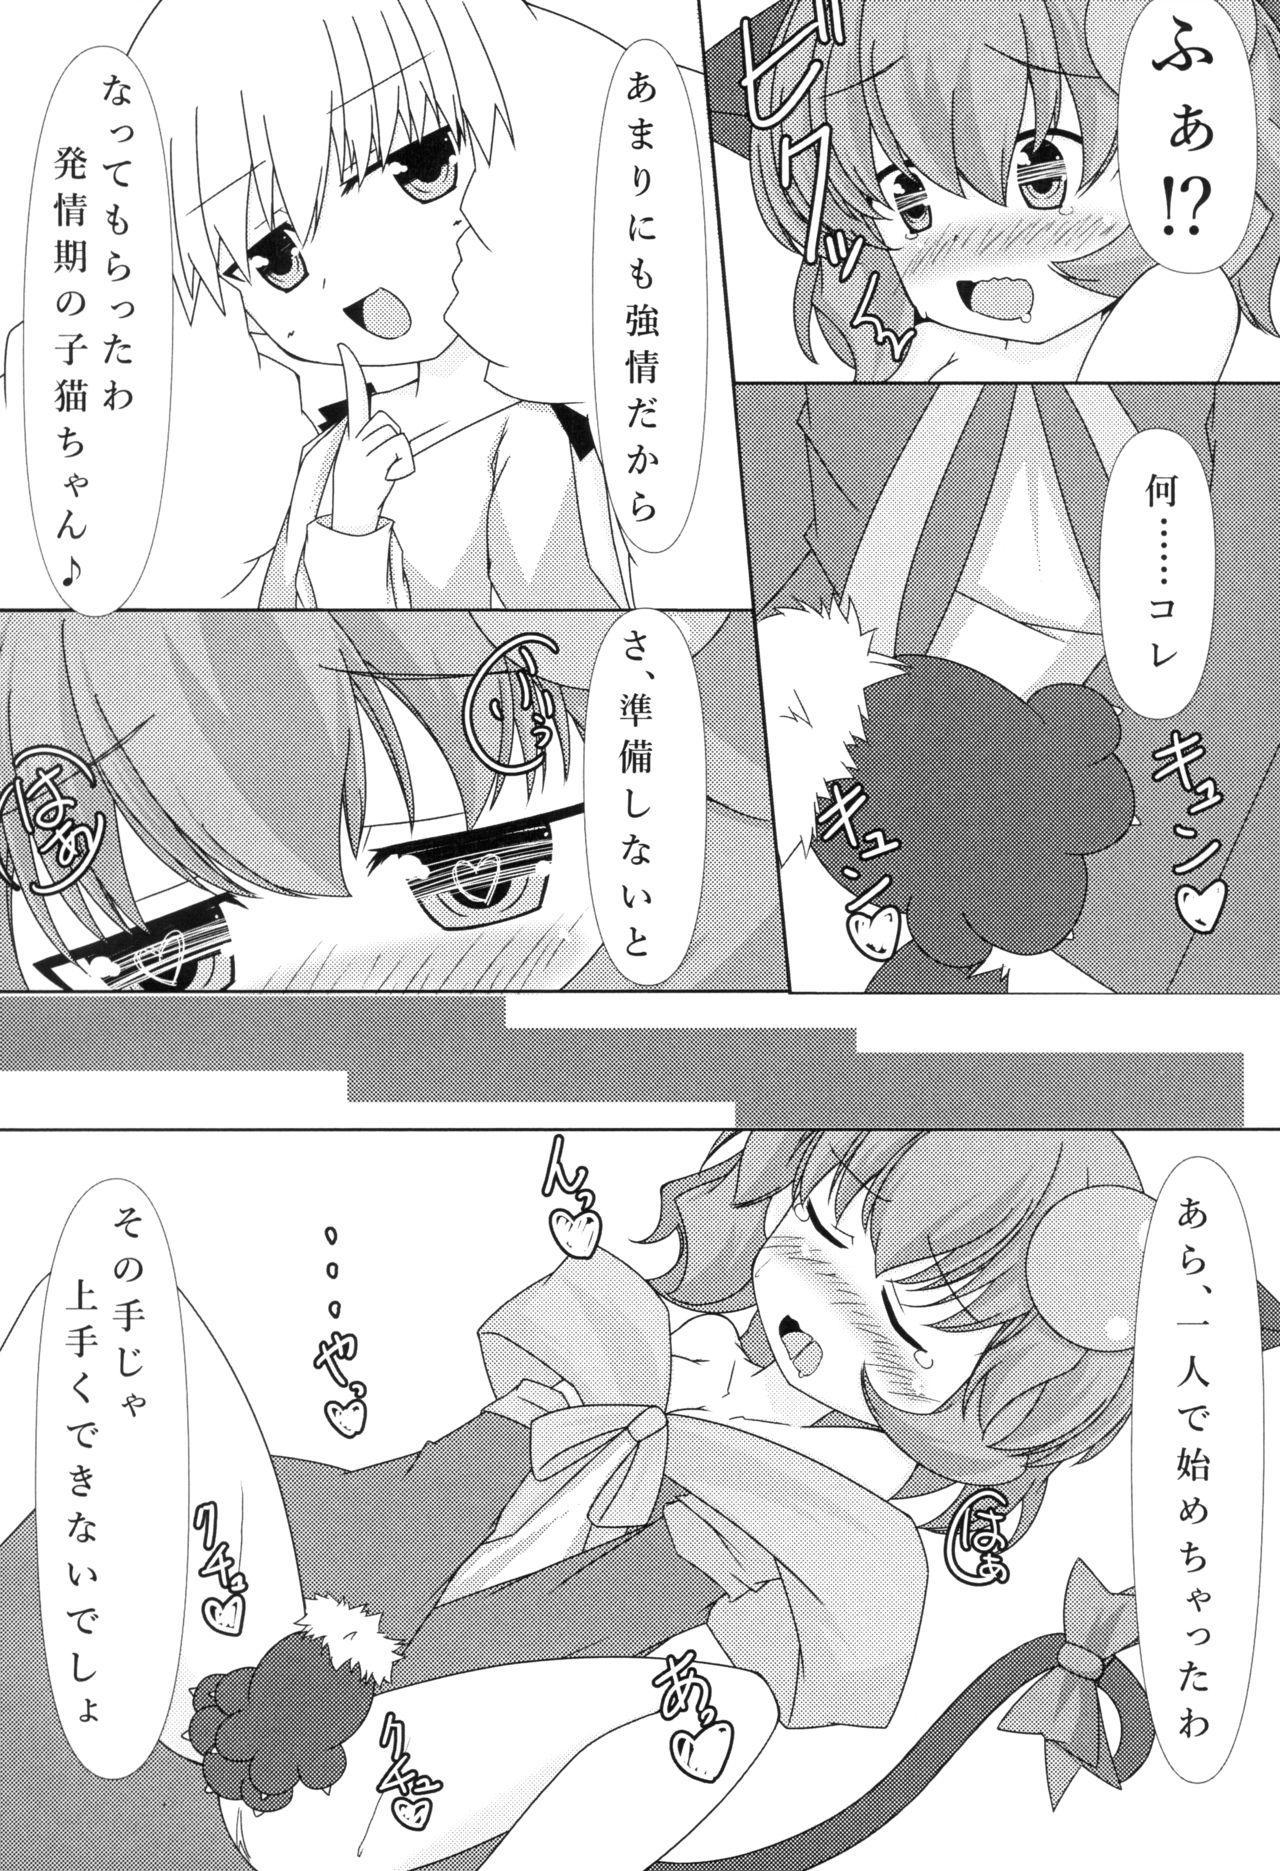 ピルルクたん発情中 7